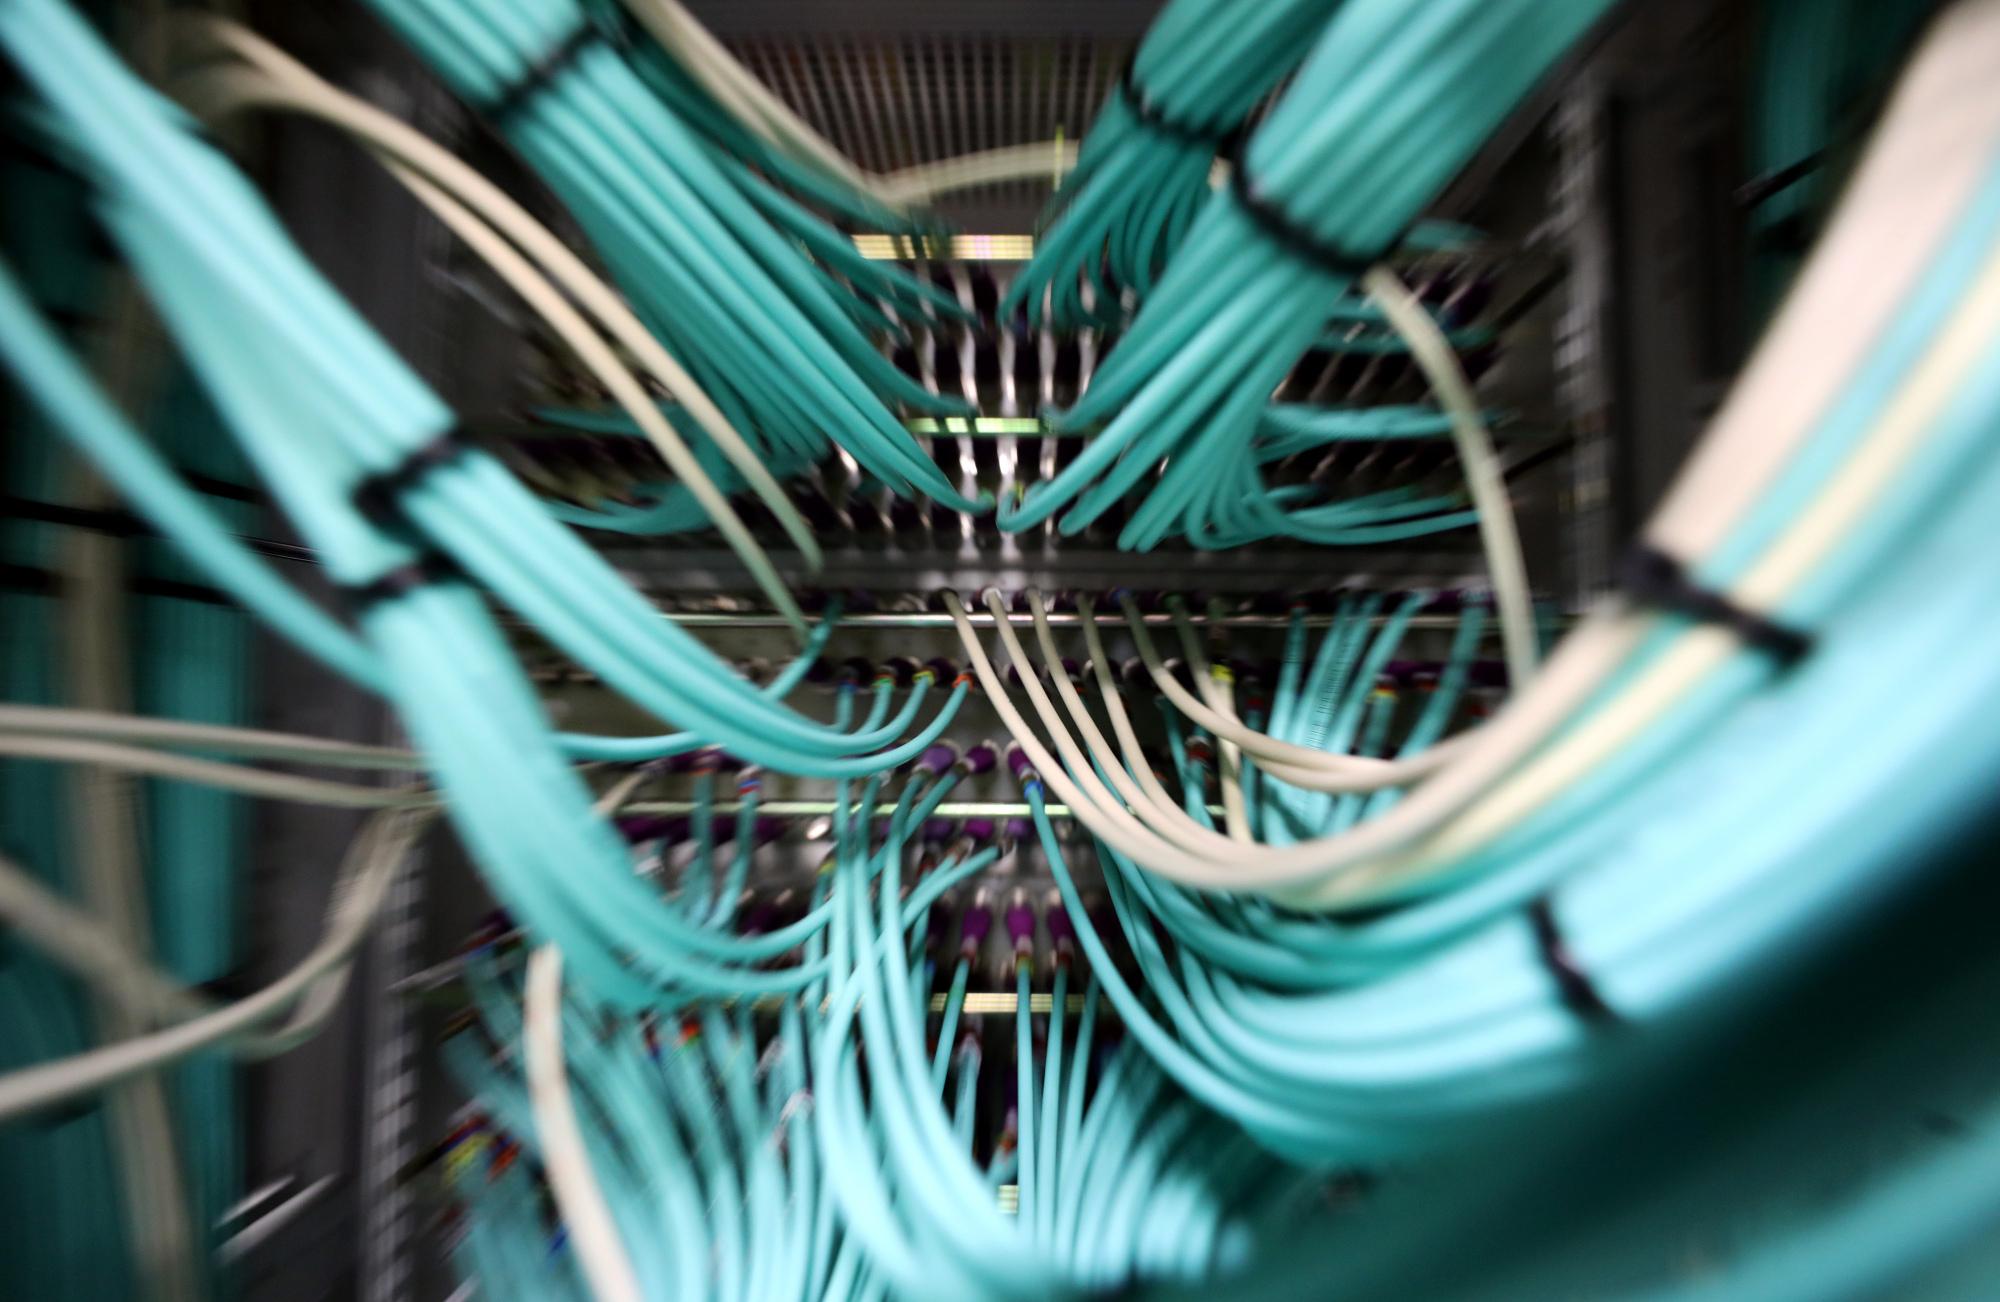 Teknologi Data Komputer Setelah Serangan Siber Global Yang Belum Pernah Ada Sebelumnya